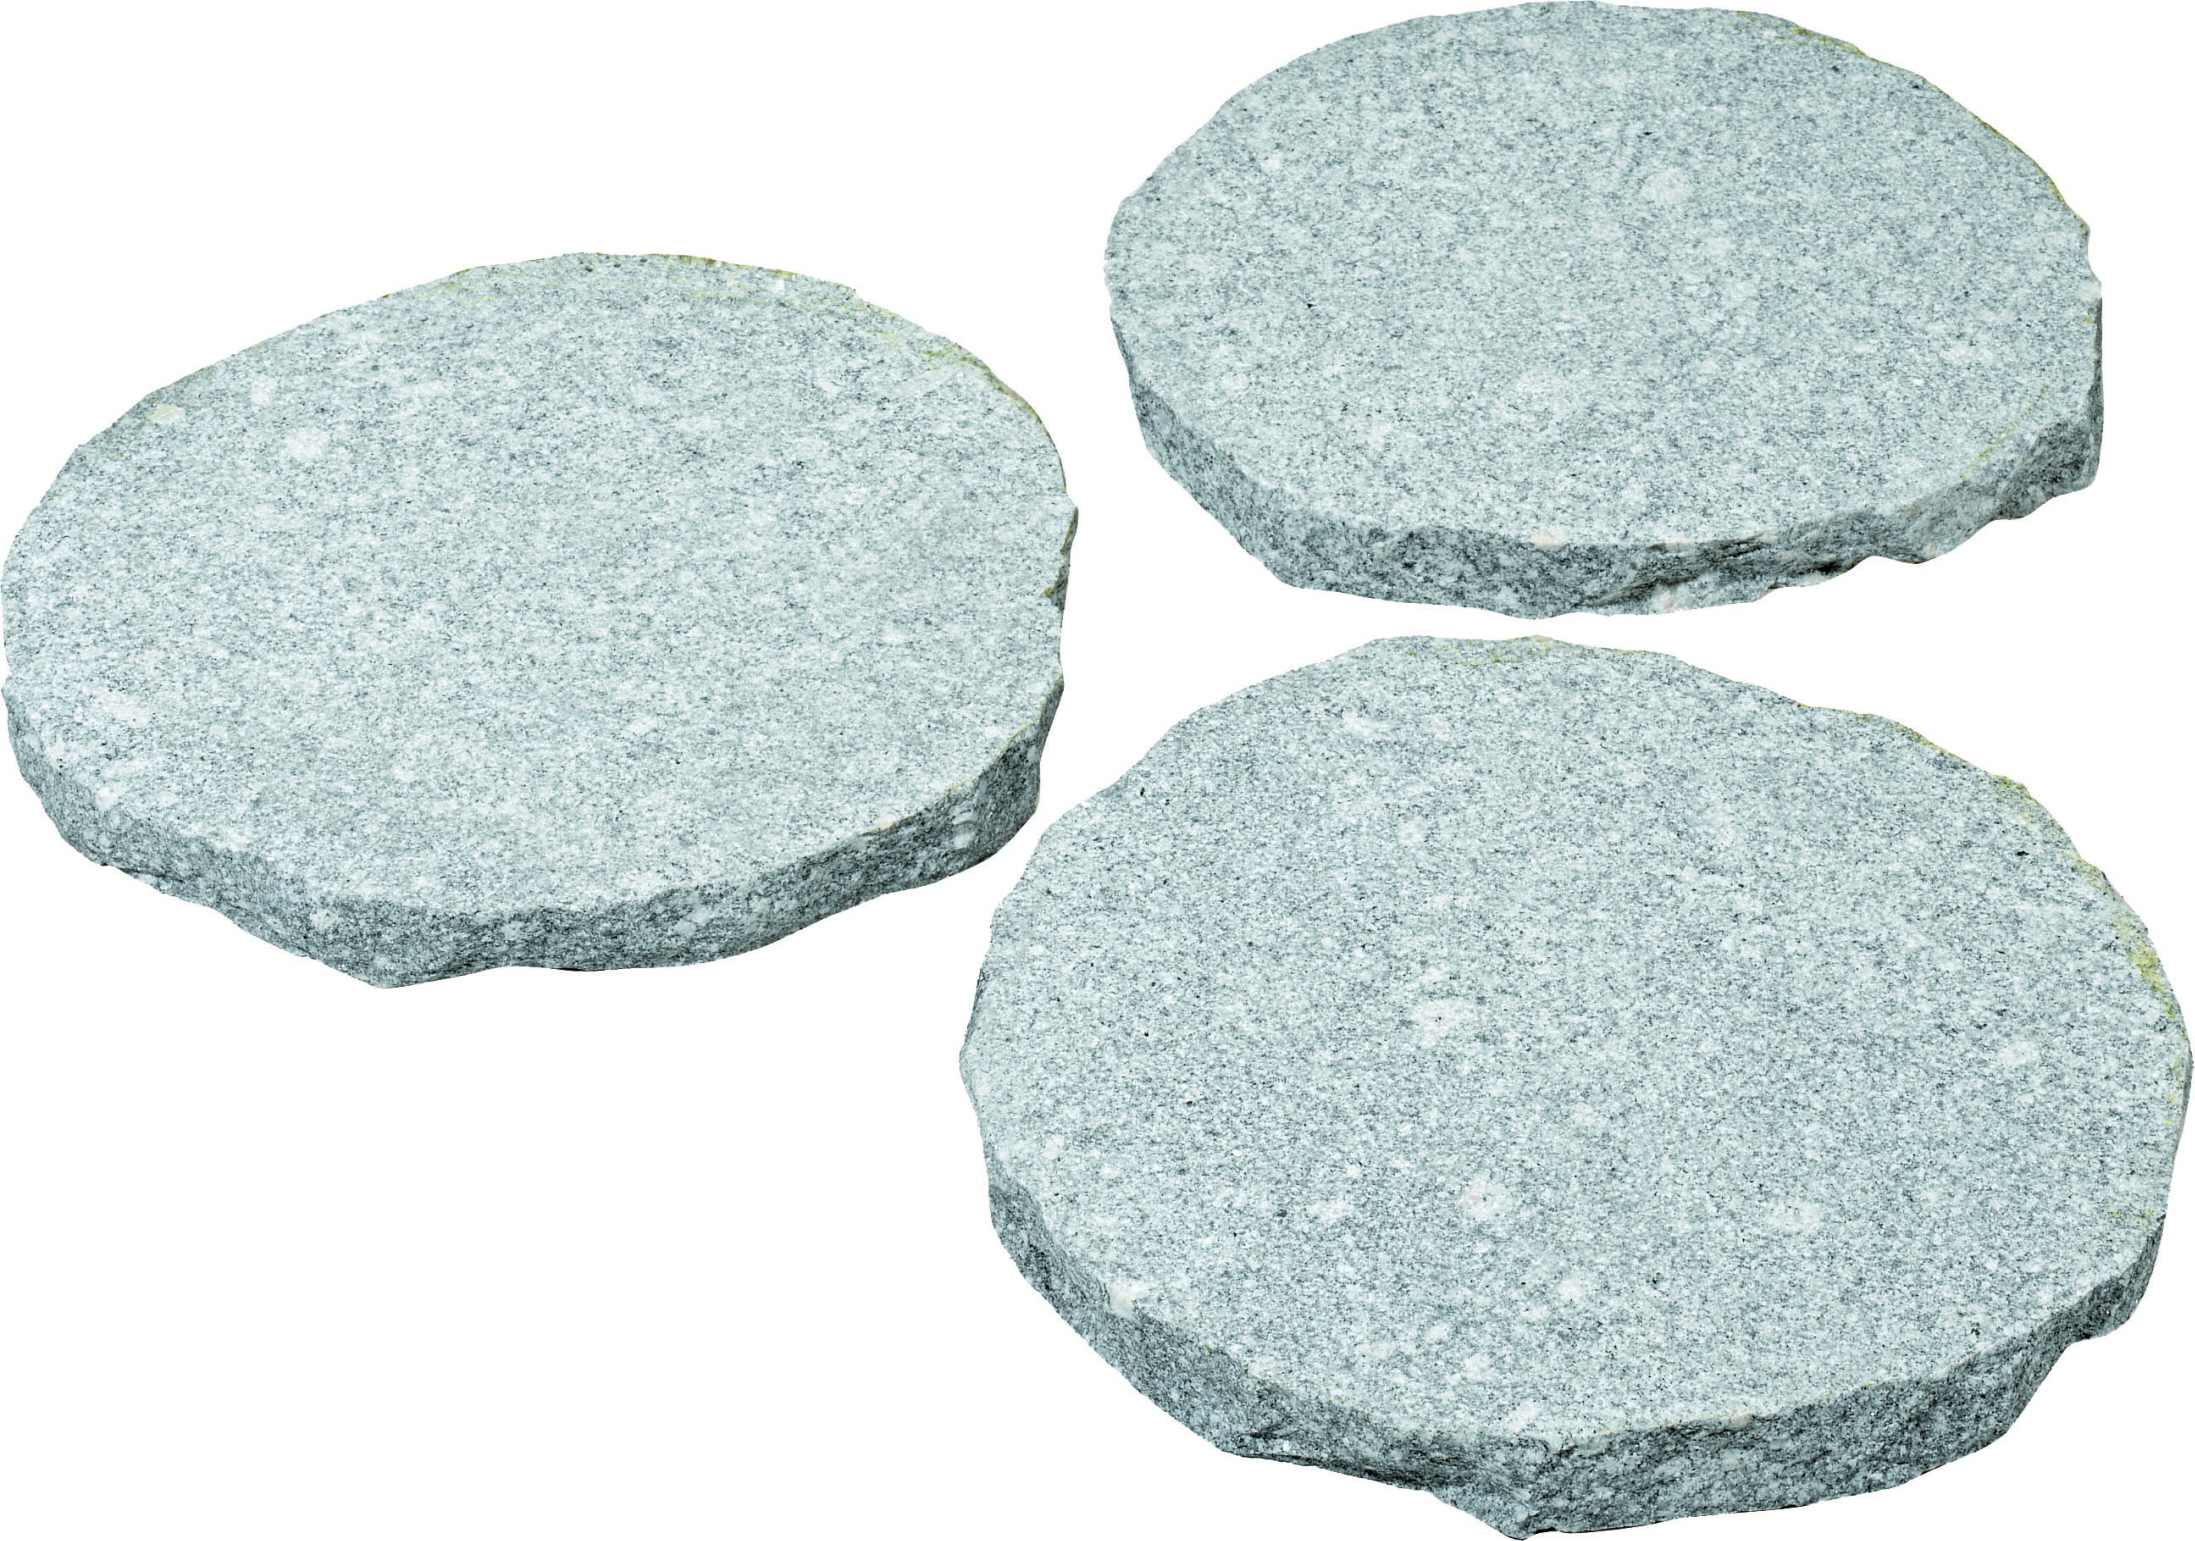 granit trittstein gartensteine kiese gartengestaltung garten freizeit lorenz baumarkt. Black Bedroom Furniture Sets. Home Design Ideas